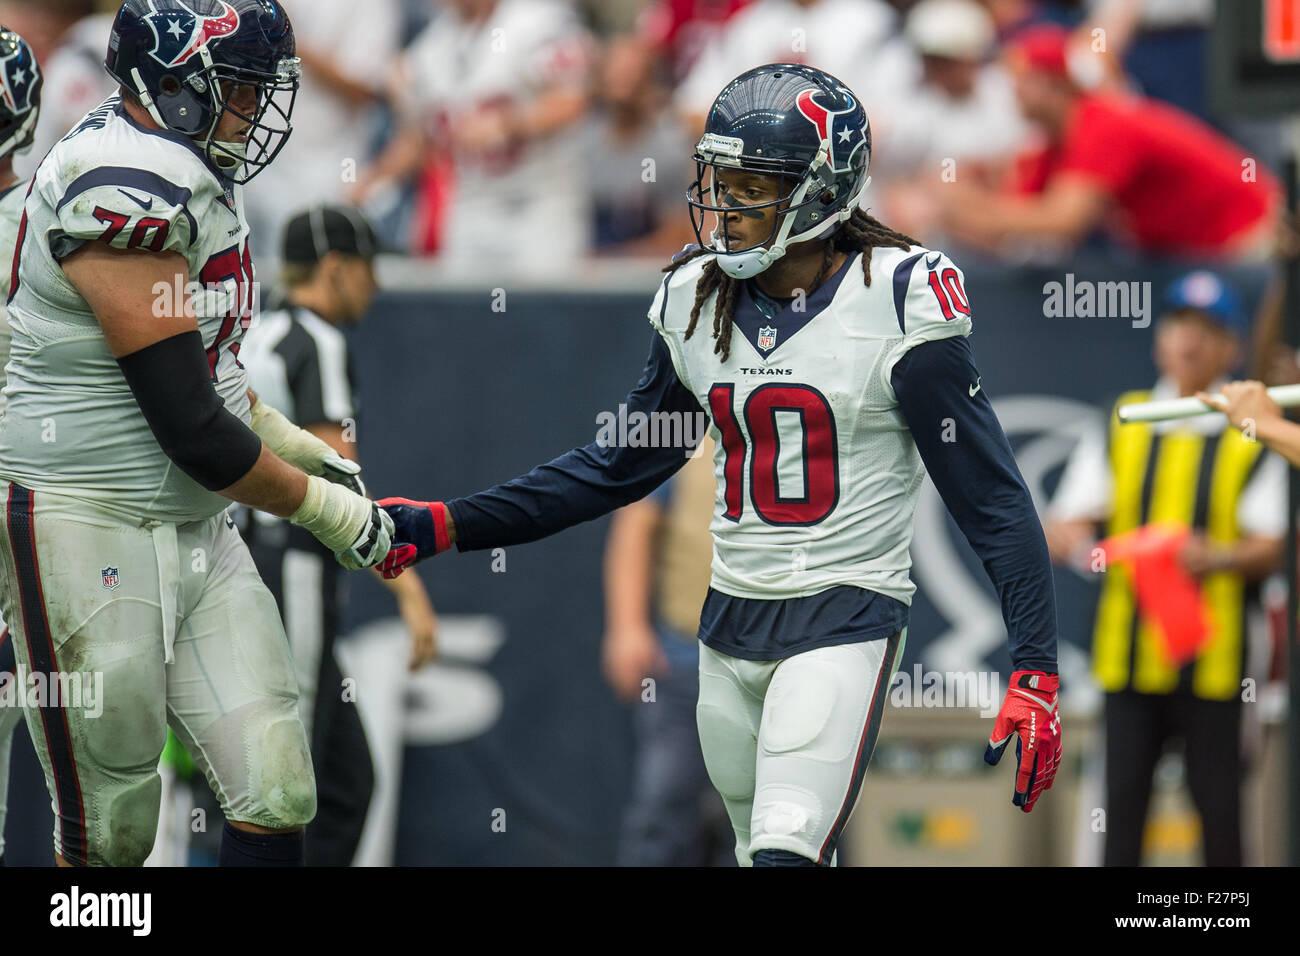 Houston, Texas, USA. 13th Sep, 2015. Houston Texans wide receiver DeAndre Hopkins (10) celebrates with Houston Texans Stock Photo